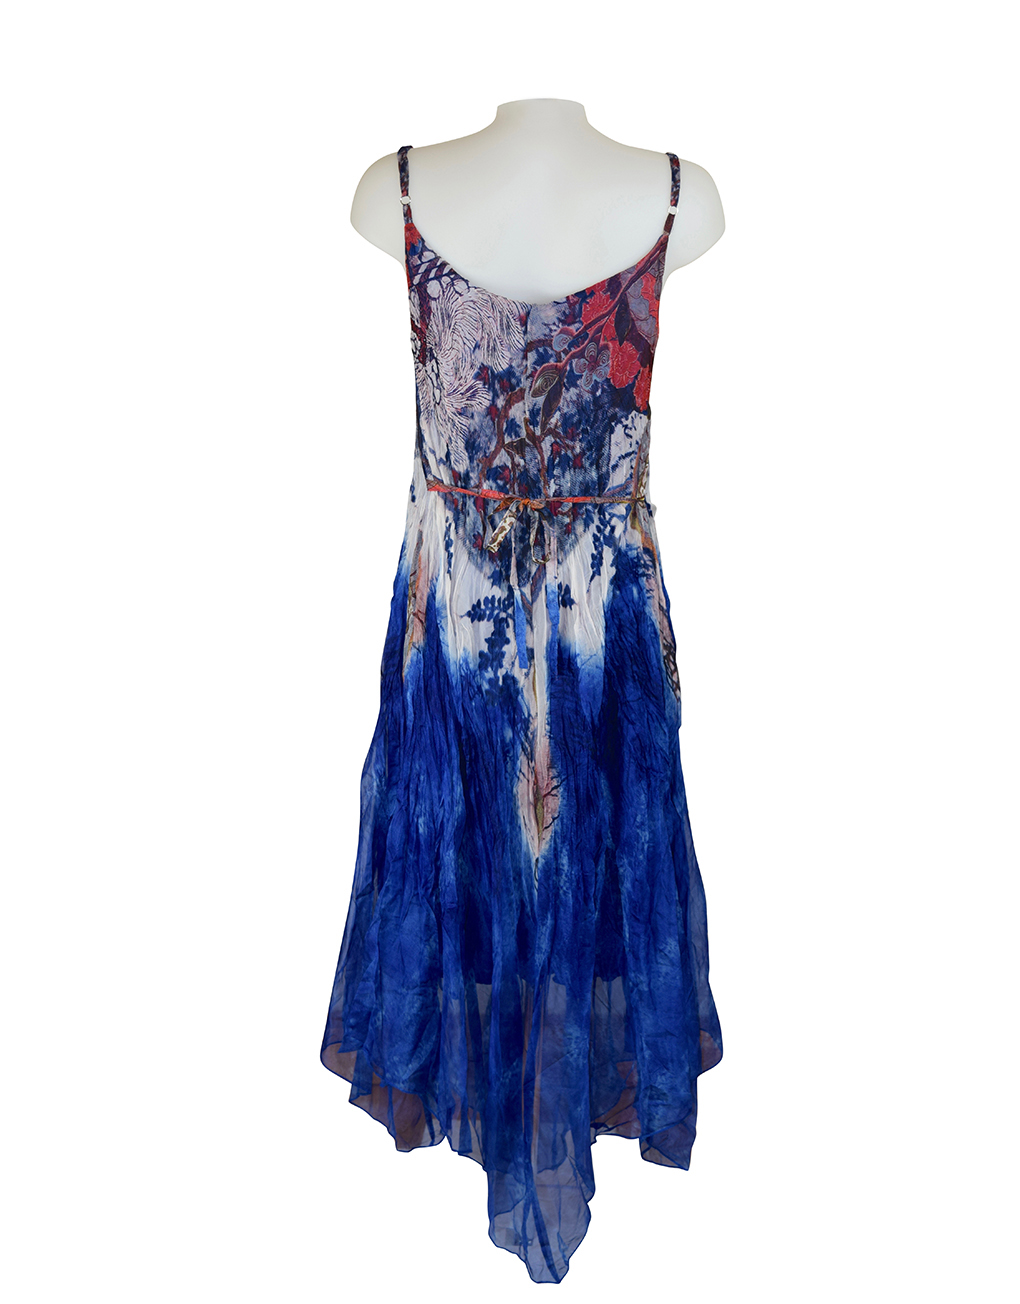 Sensations Pour Elle Royal Blue Abstract Print Maxi Dress One Size / T Reverse